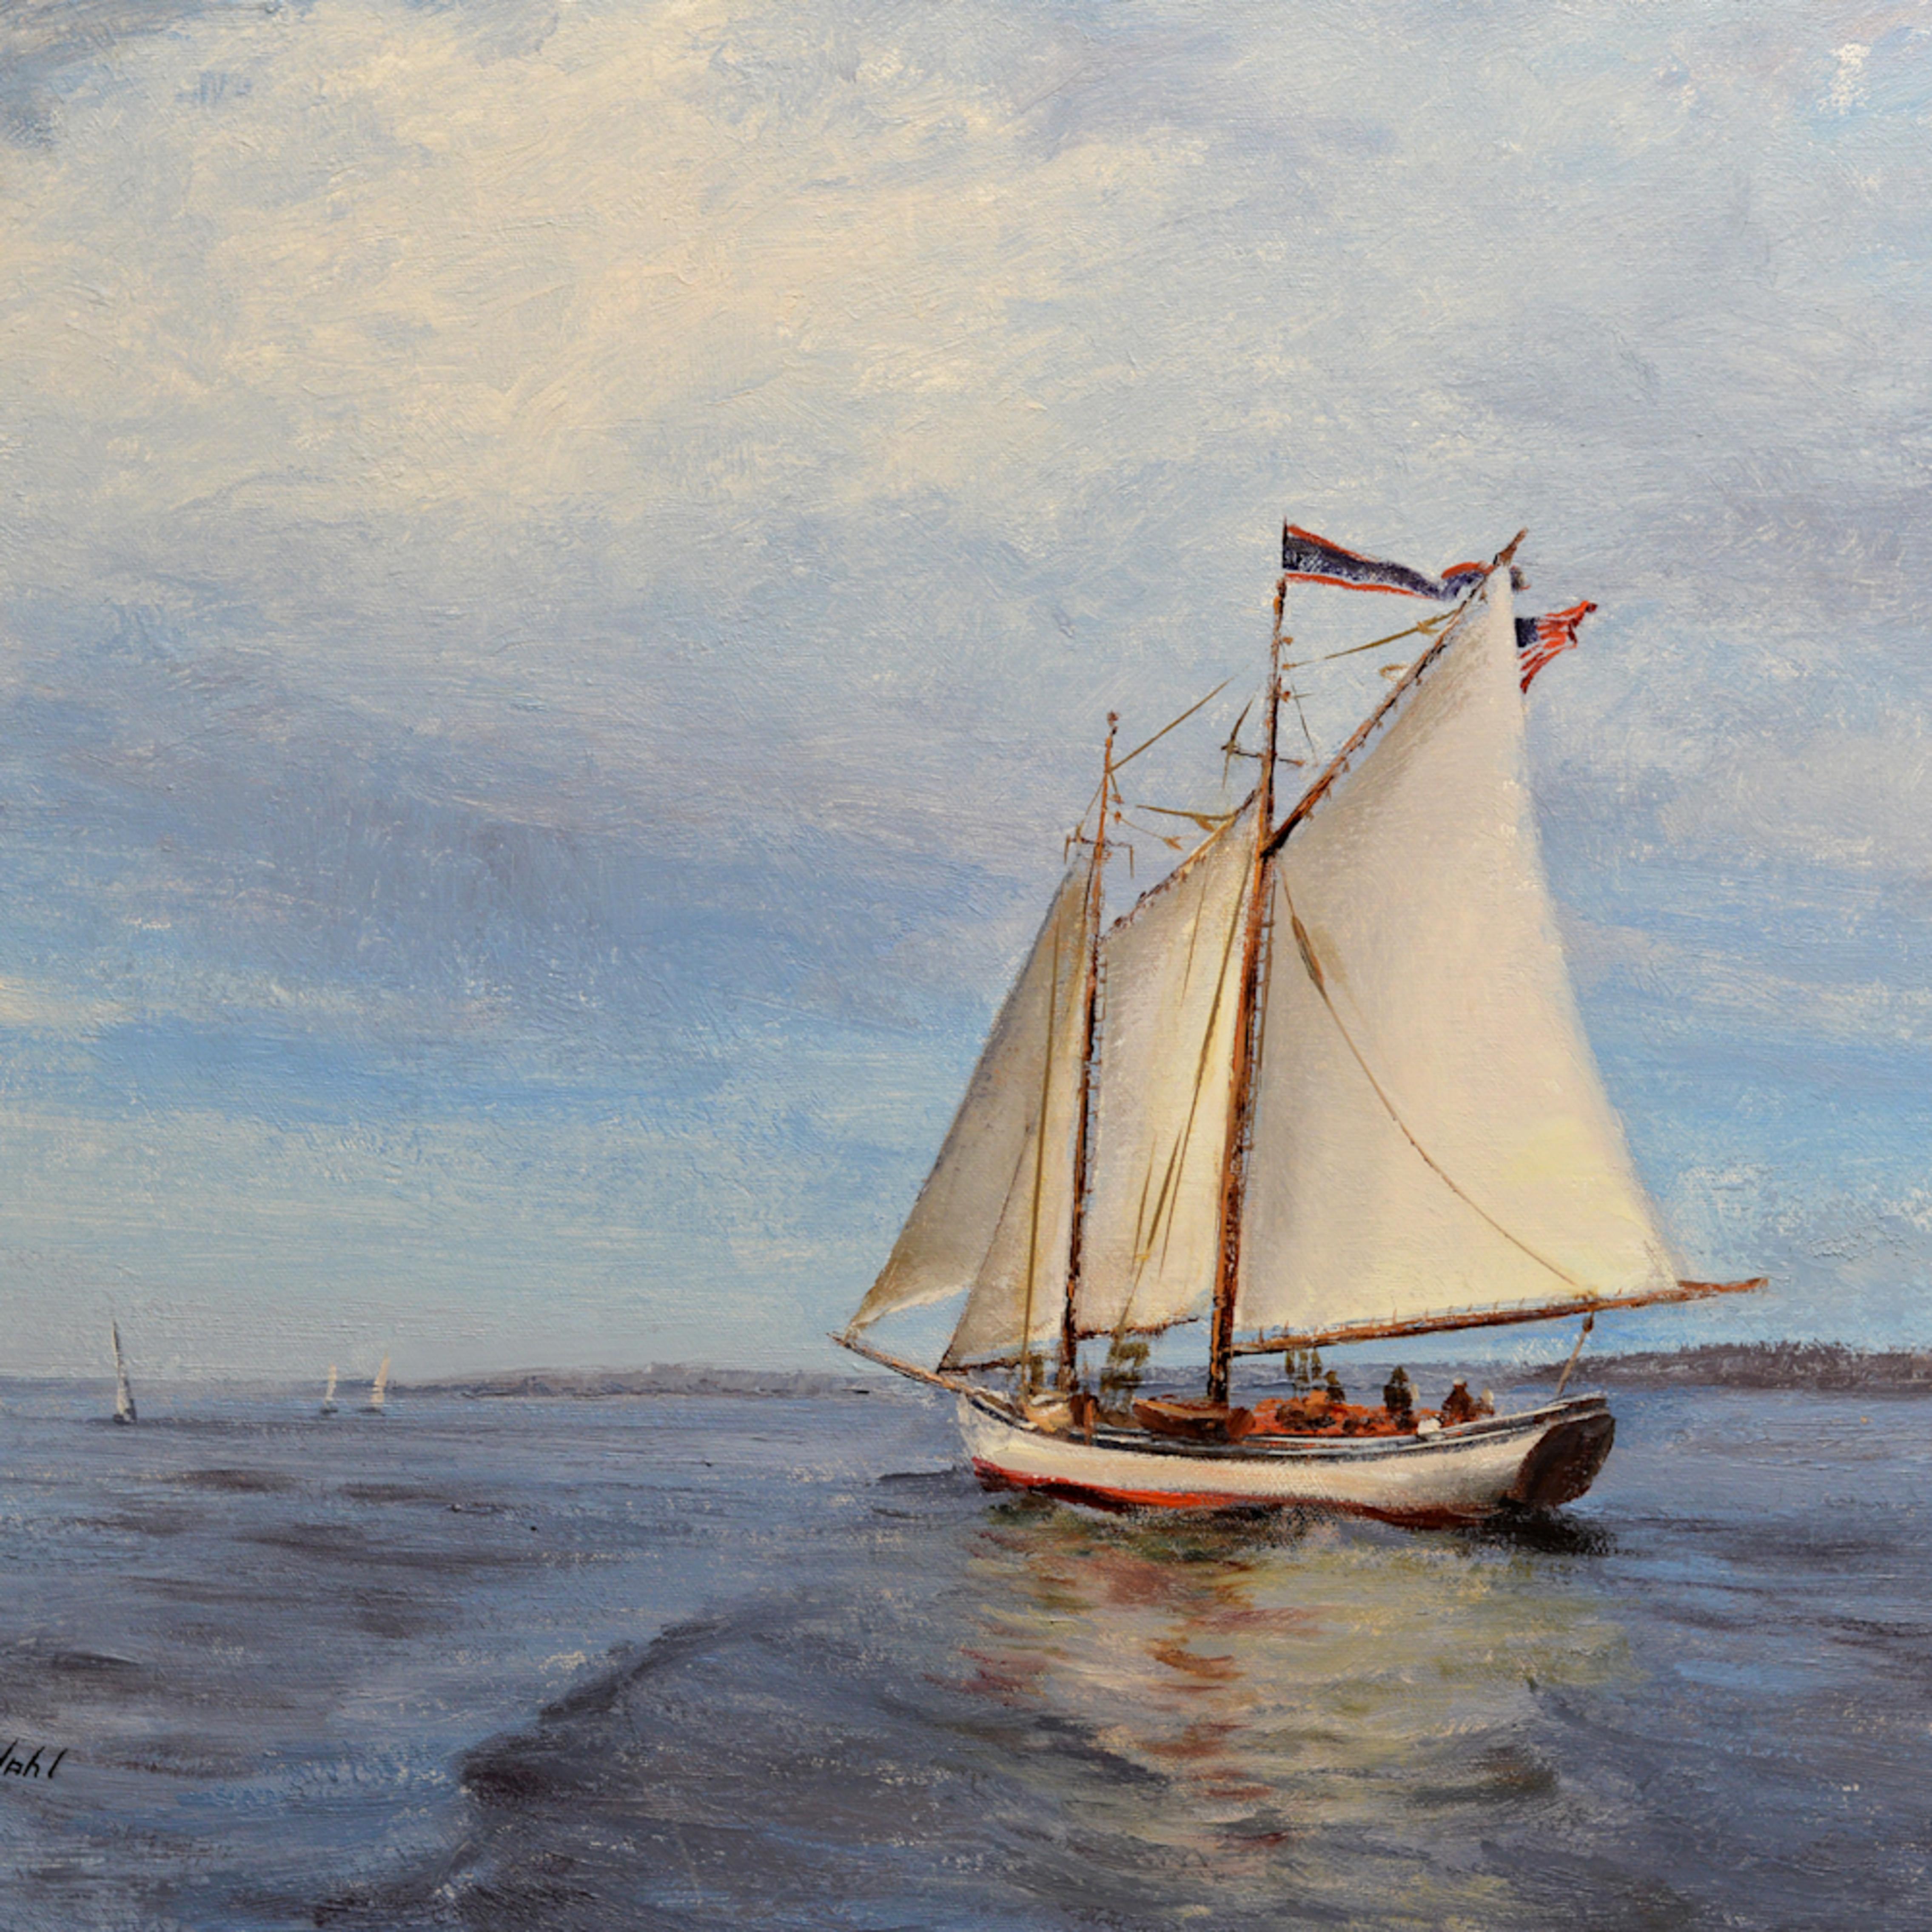 Sailing d610 6000 i1wxh8